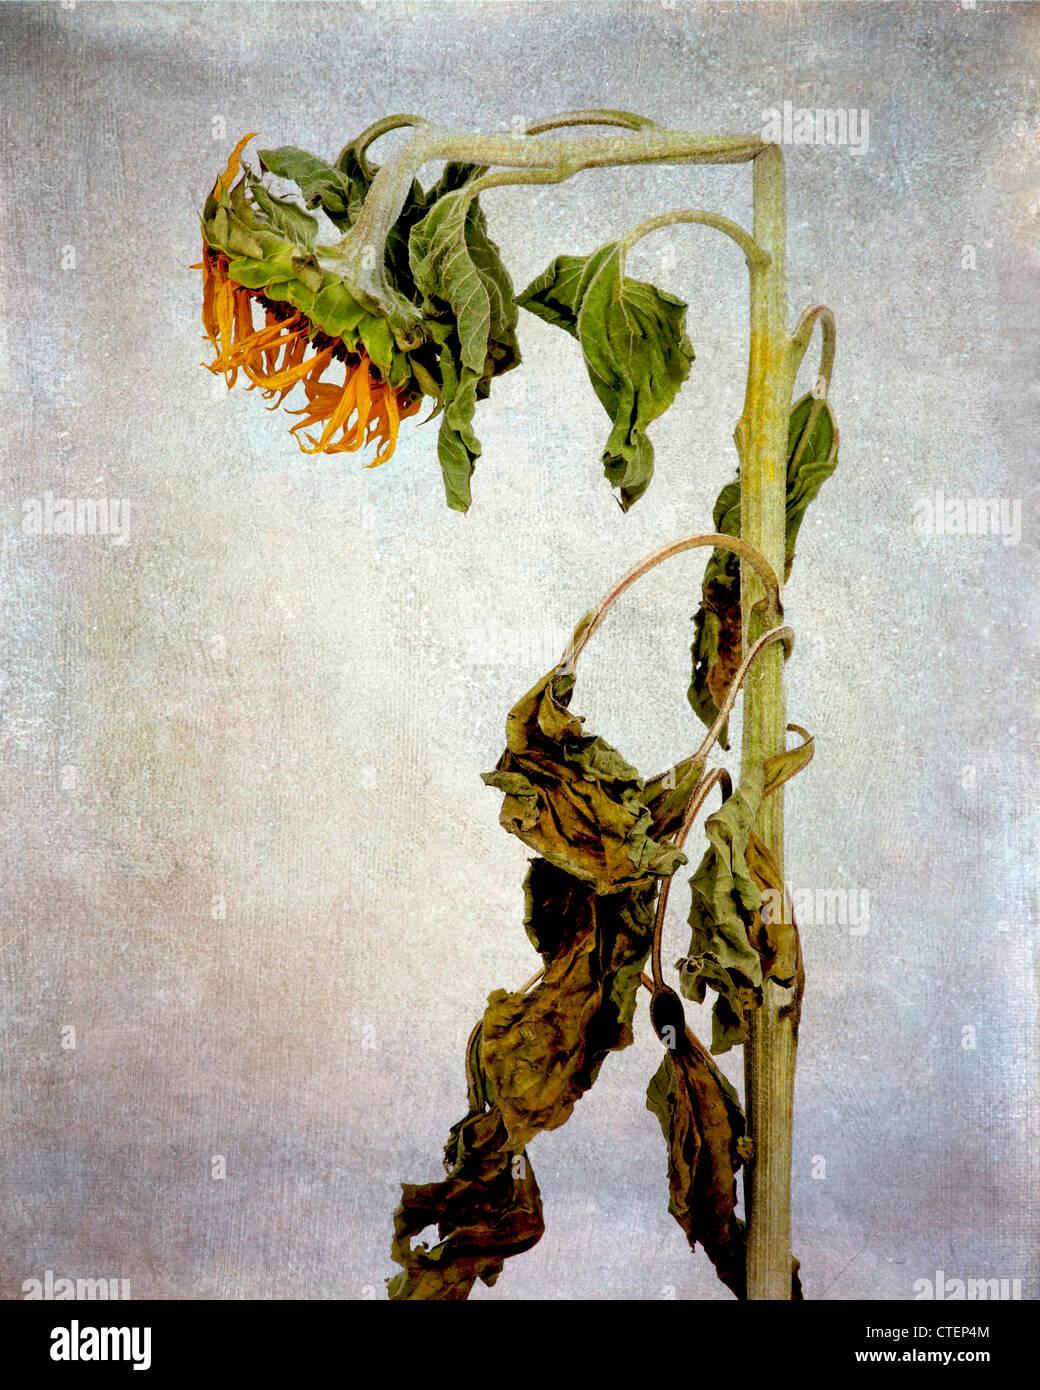 Agotado marchito girasol, vintage buscar todavía la vida. Imagen De Stock